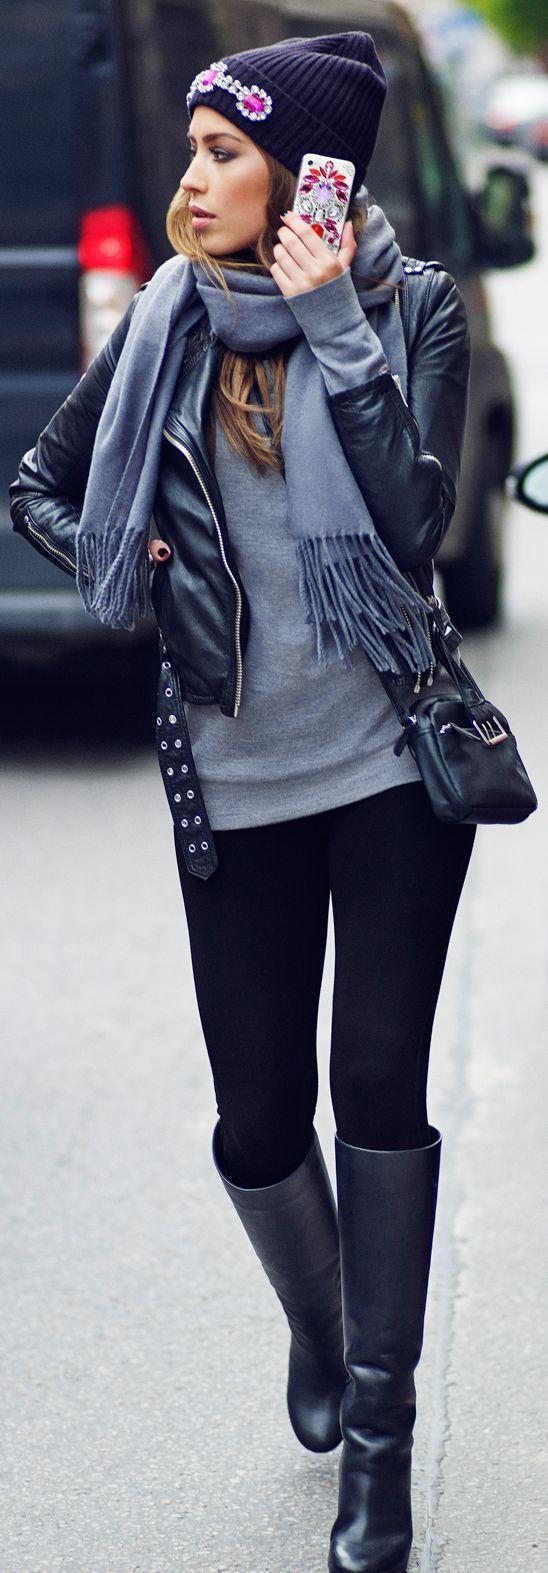 women 39 s black leather biker jacket grey long sleeve t. Black Bedroom Furniture Sets. Home Design Ideas